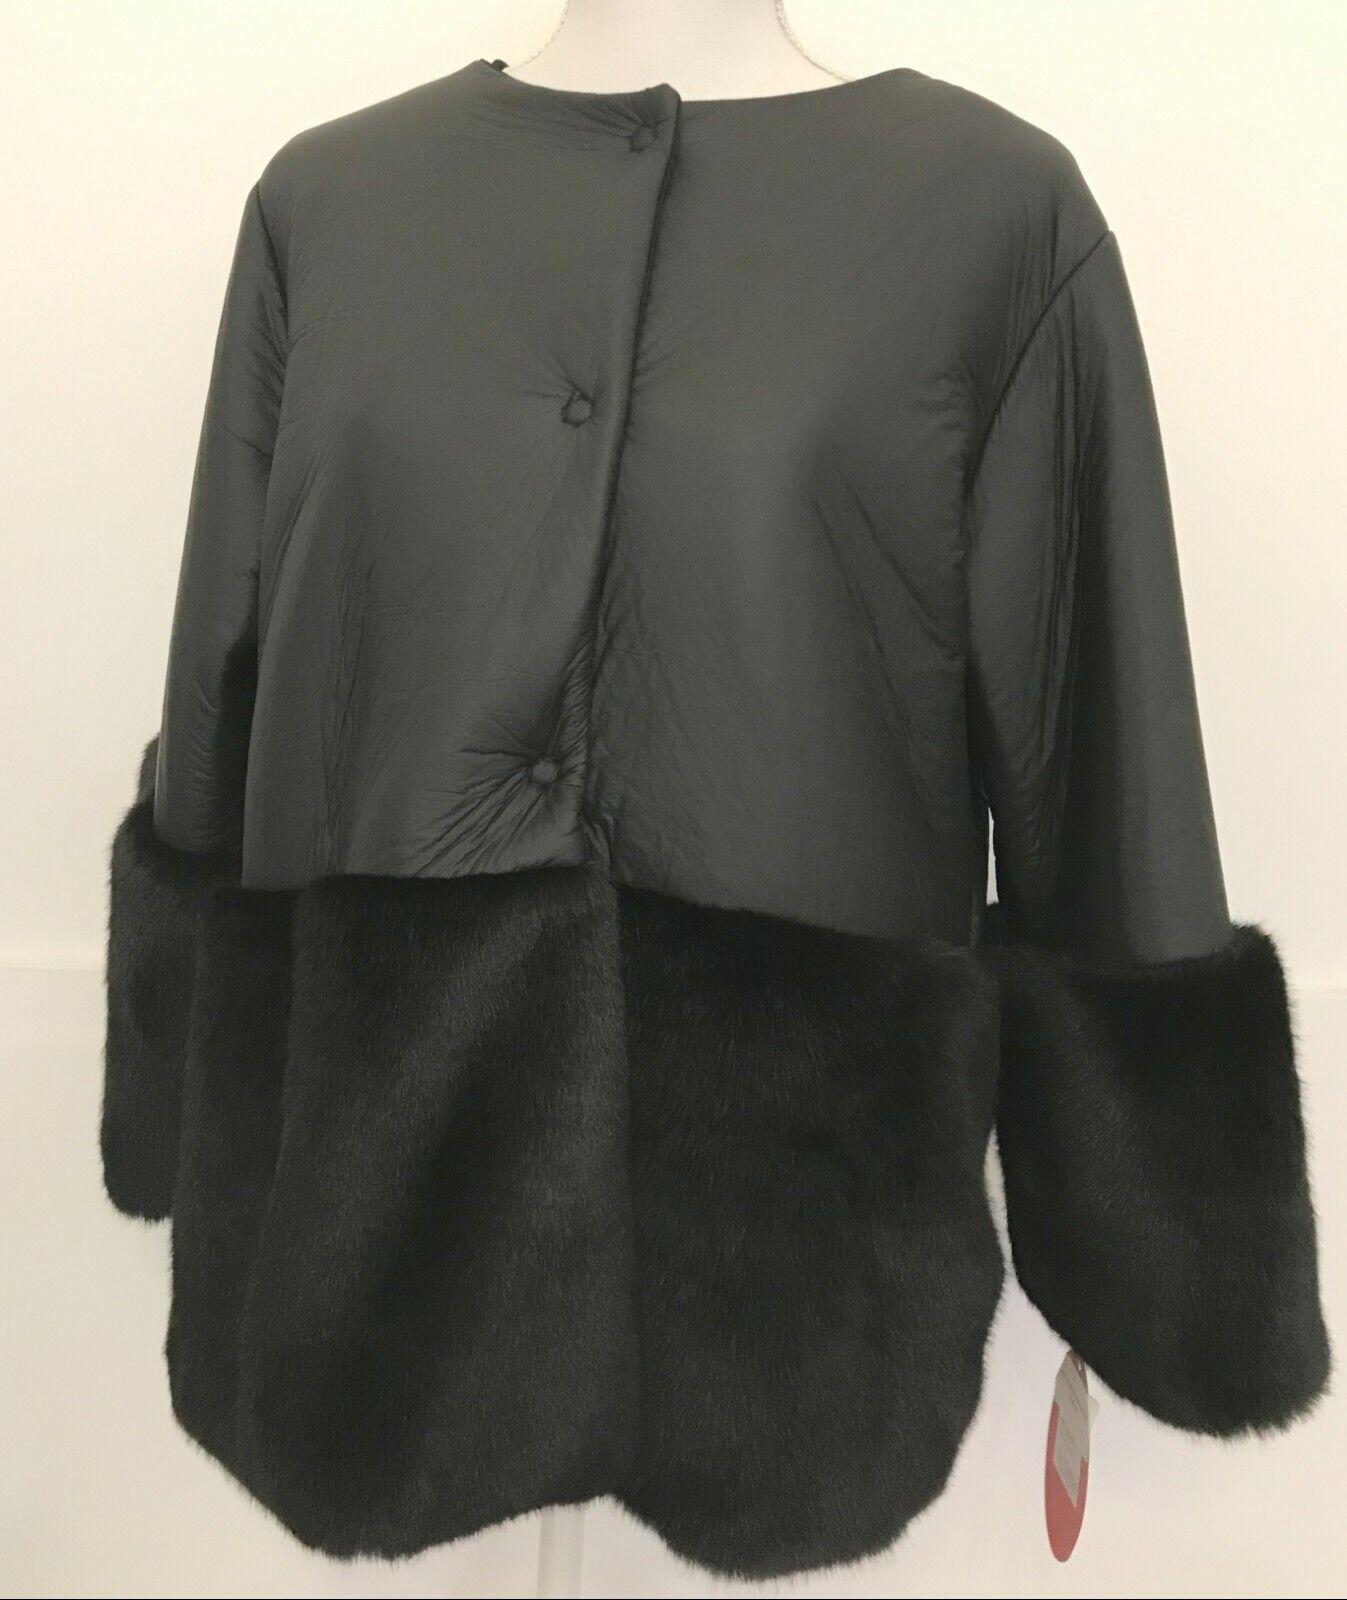 Giacca giubbino cappotto piumino giubbotto ecopelliccia e piumino tg L black